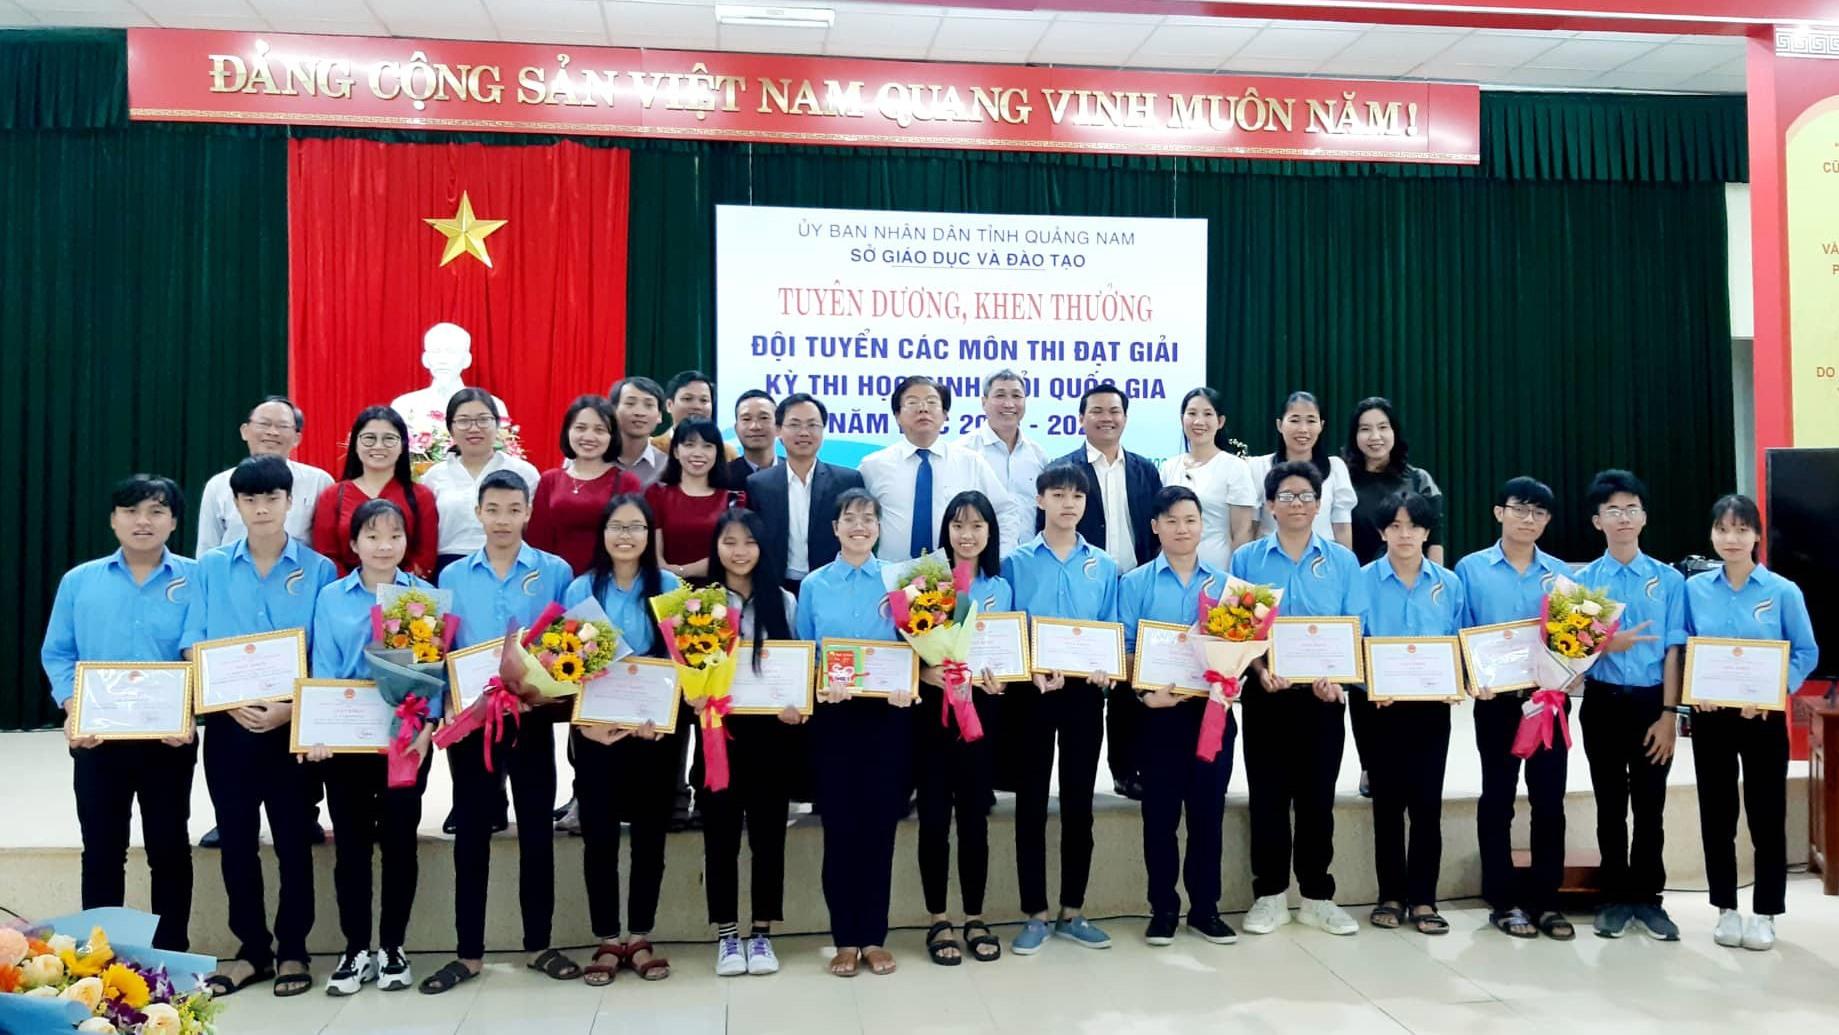 Sở GD-ĐT tuyên dương HS Trường THPT chuyên Lê Thánh Tông (Hội An) đoạt giải tại kỳ thi HS giỏi quốc gia năm học 2019 - 2020. Ảnh: T.THẮNG